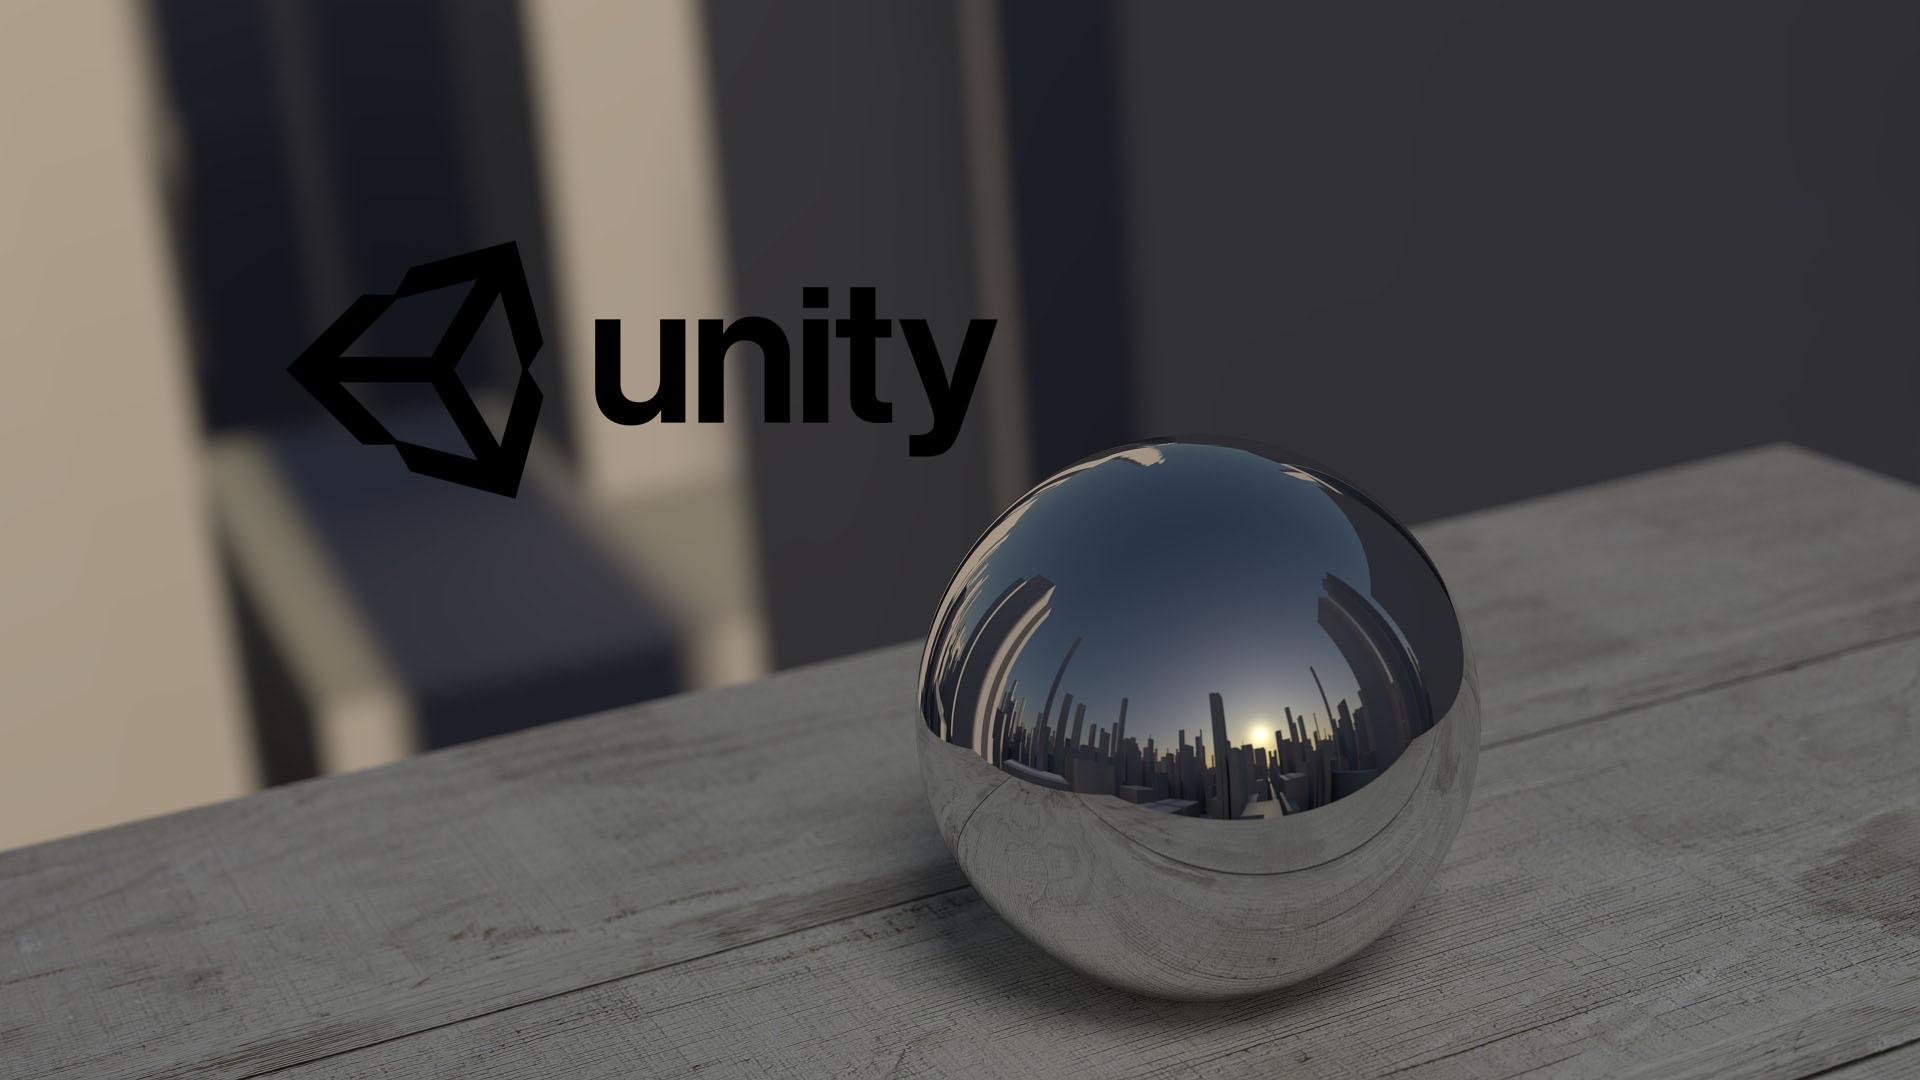 Curso de unity